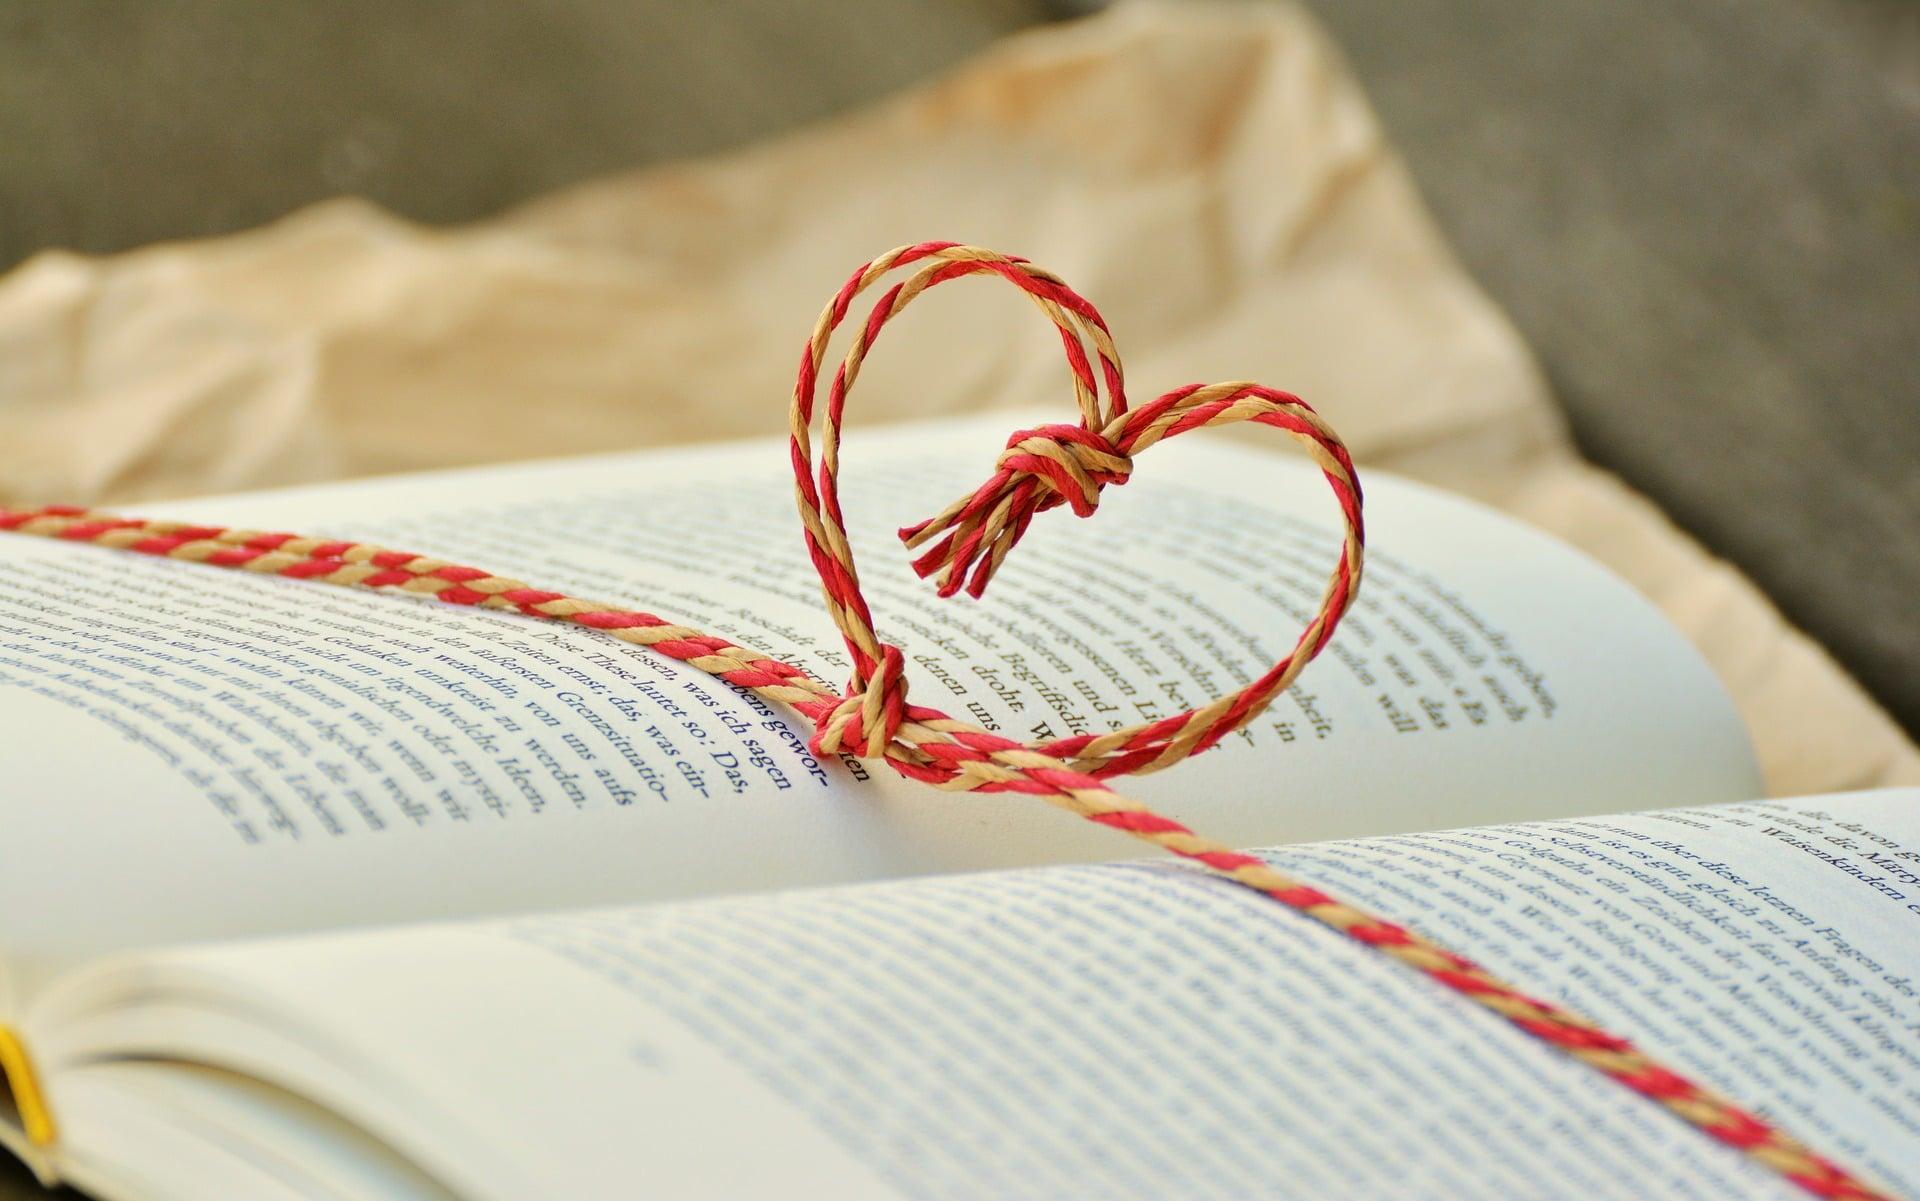 Ein aufgeschlagenes Buch mit einem Herz aus Schnüren